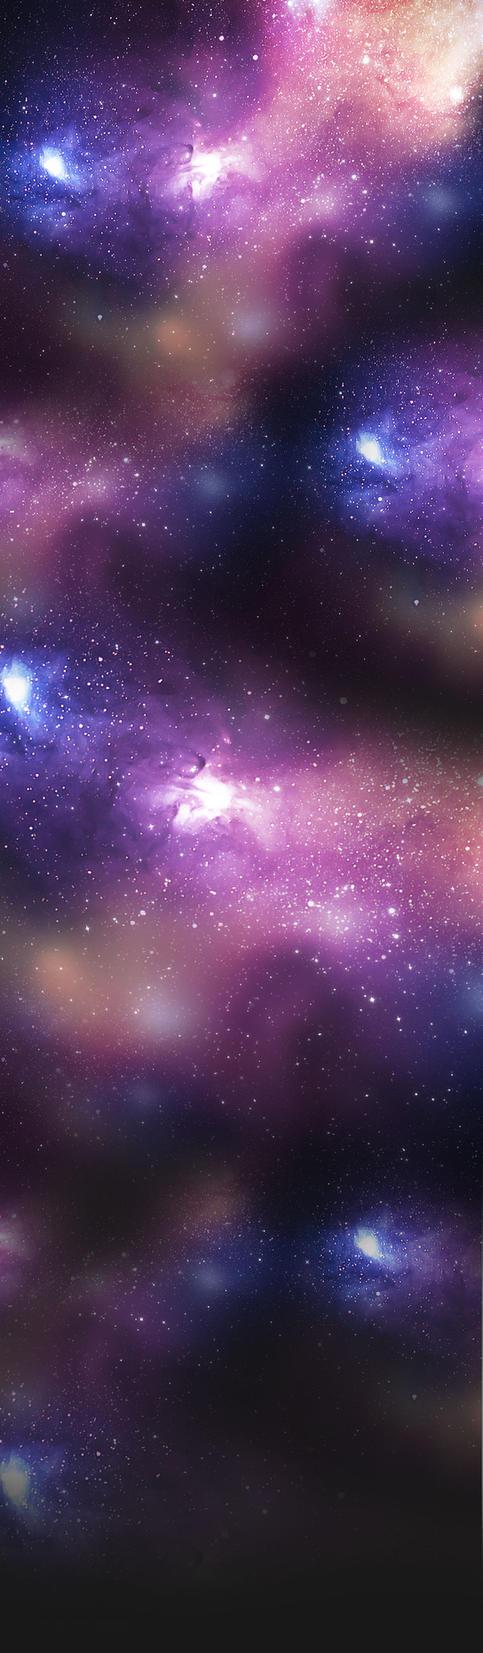 Galaxy box background by Sarah--Elizabeth